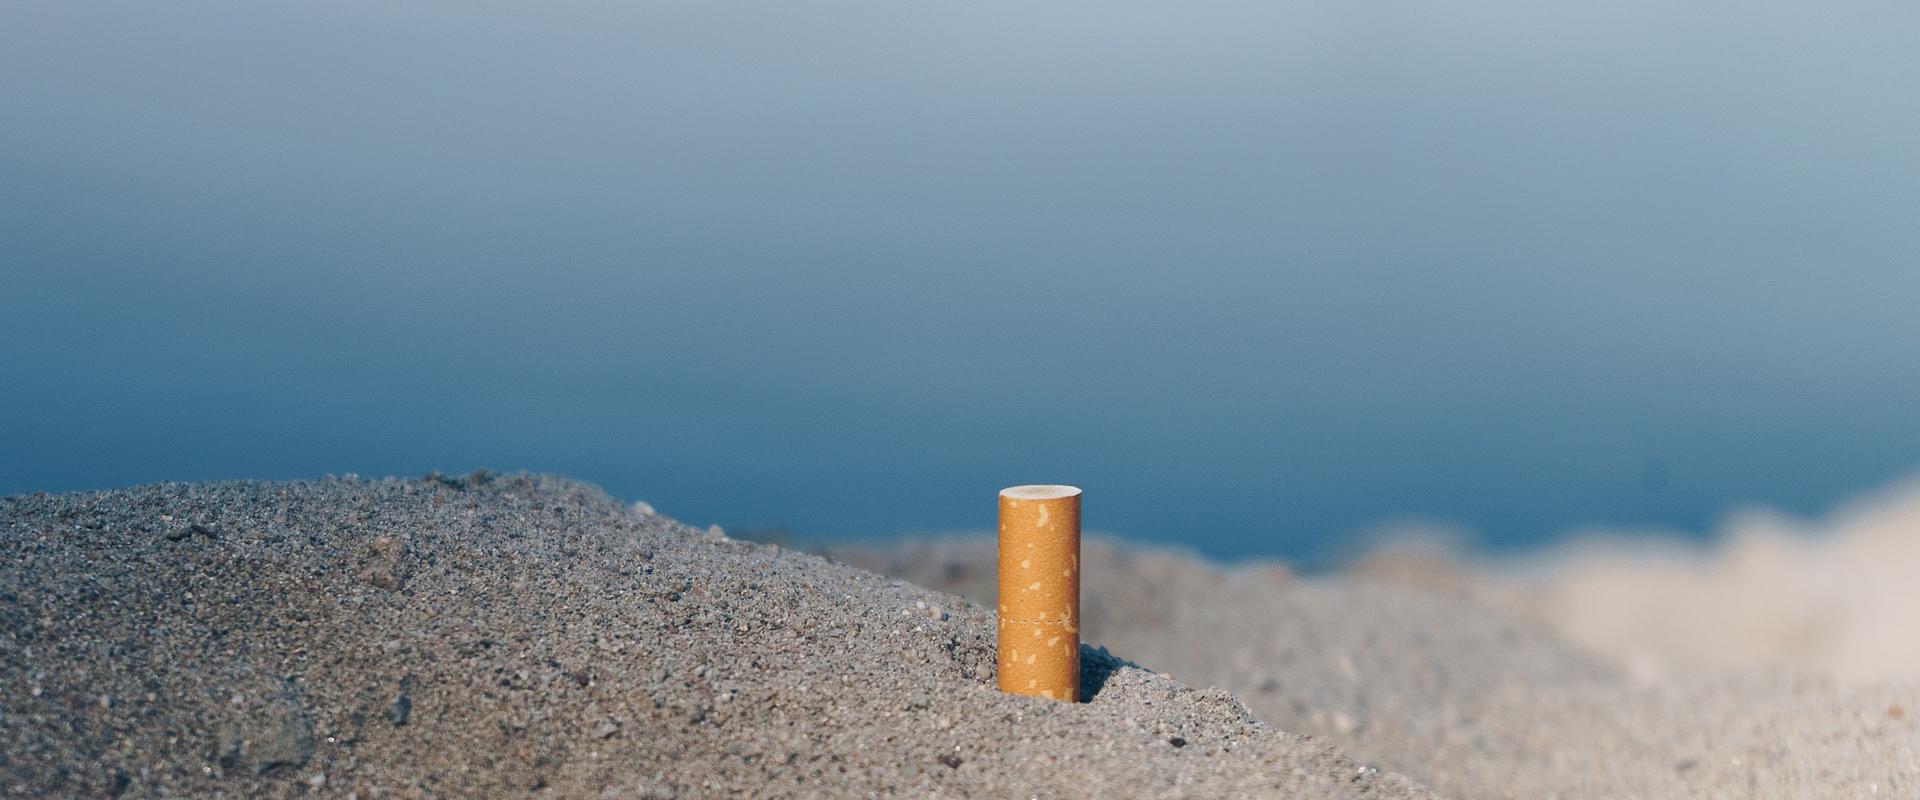 Filter im Sand schädigen die Umwelt.